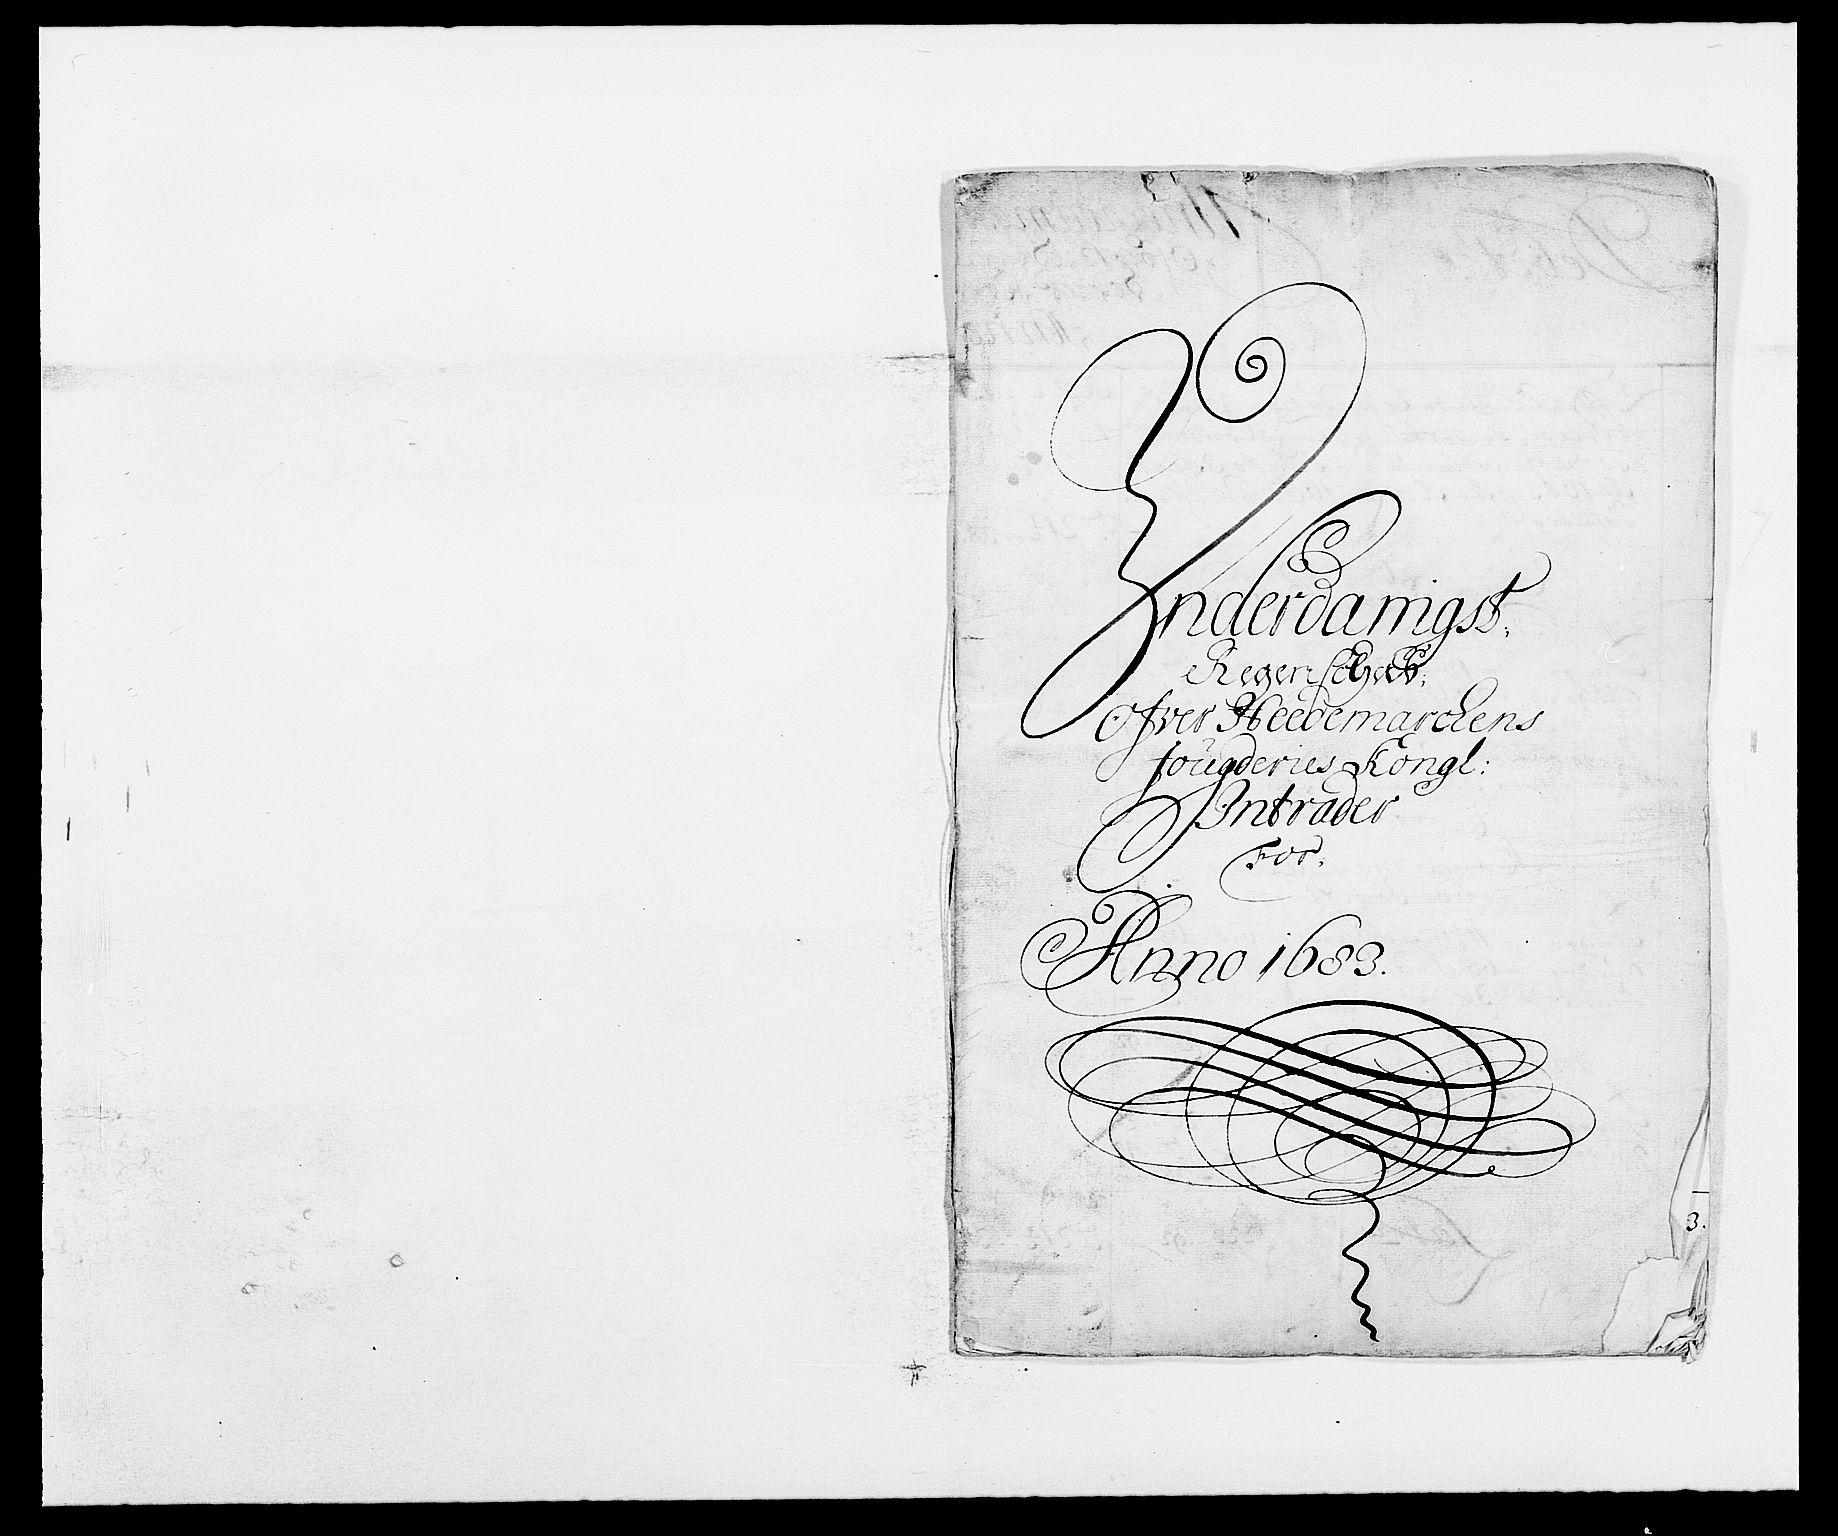 RA, Rentekammeret inntil 1814, Reviderte regnskaper, Fogderegnskap, R16/L1024: Fogderegnskap Hedmark, 1683, s. 2